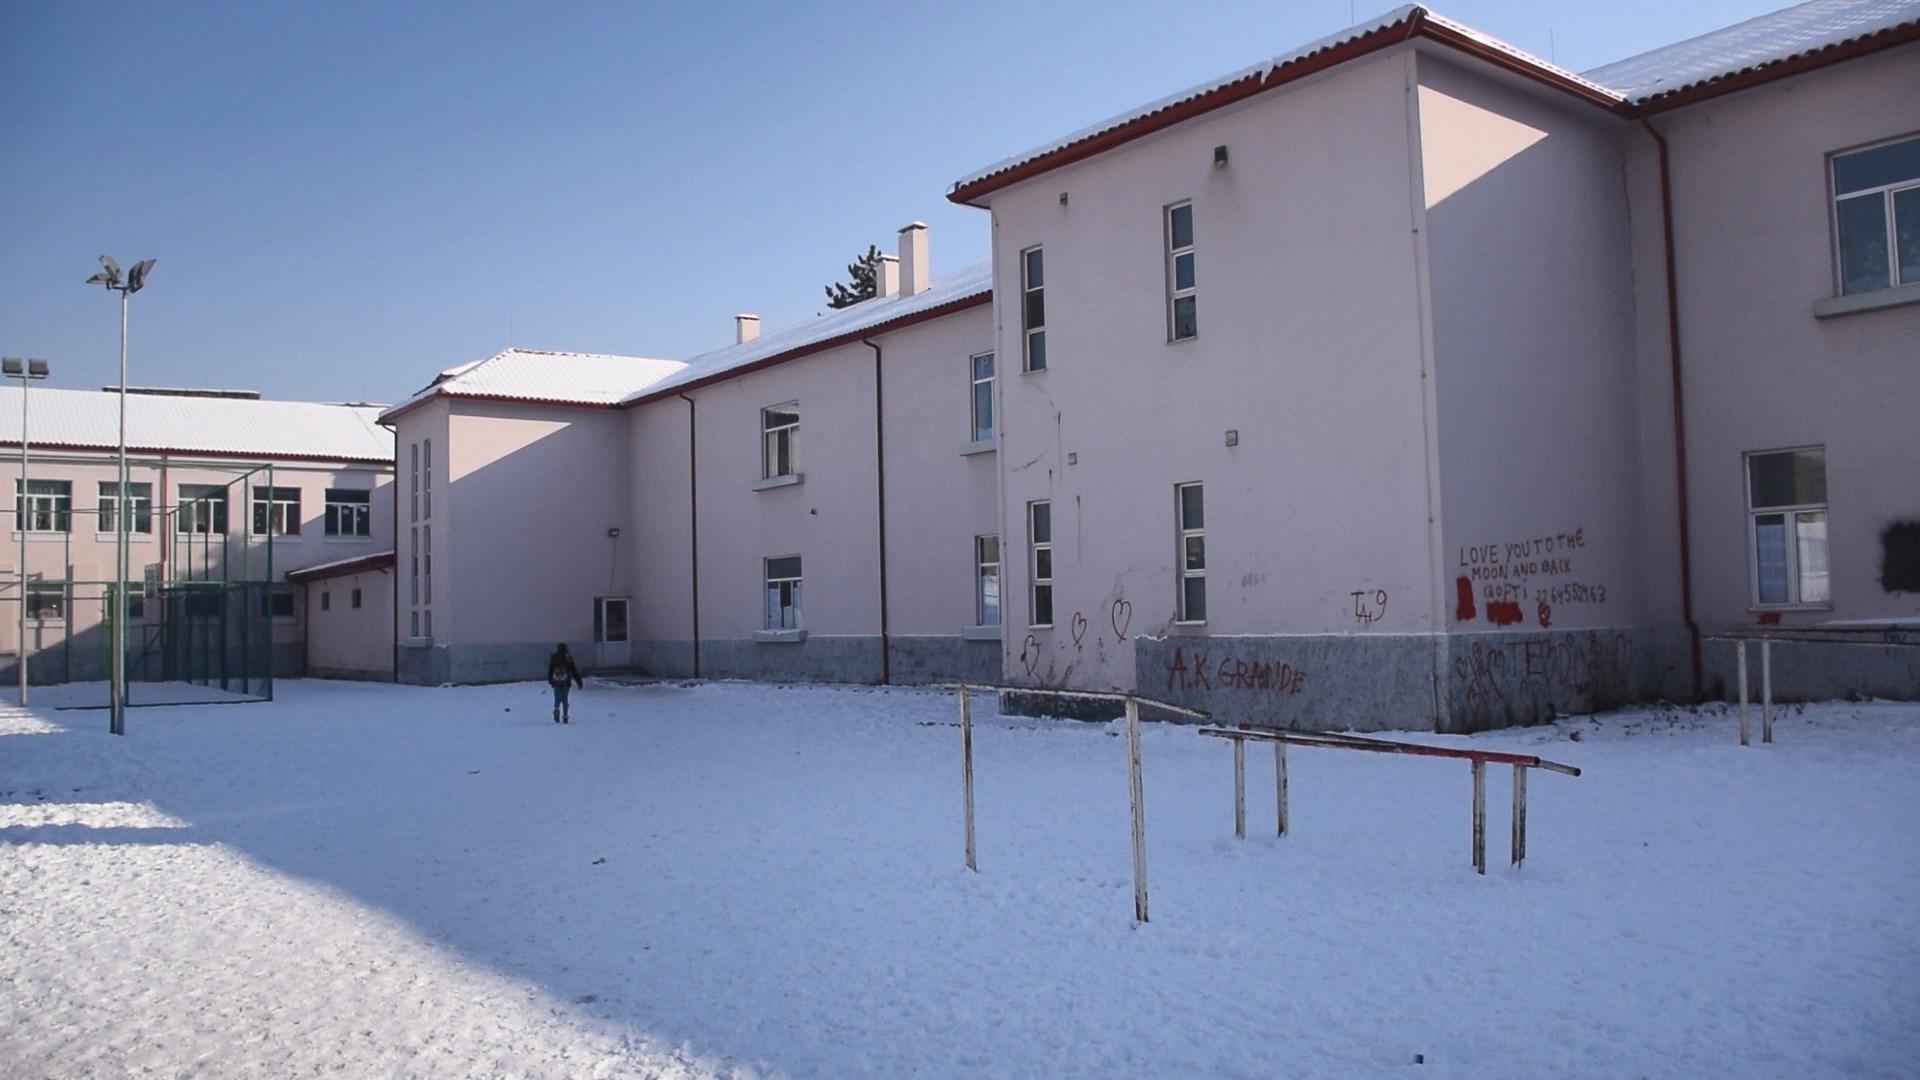 Dita më e ftohtë në Korçë, temperaturat minus 14 gradë